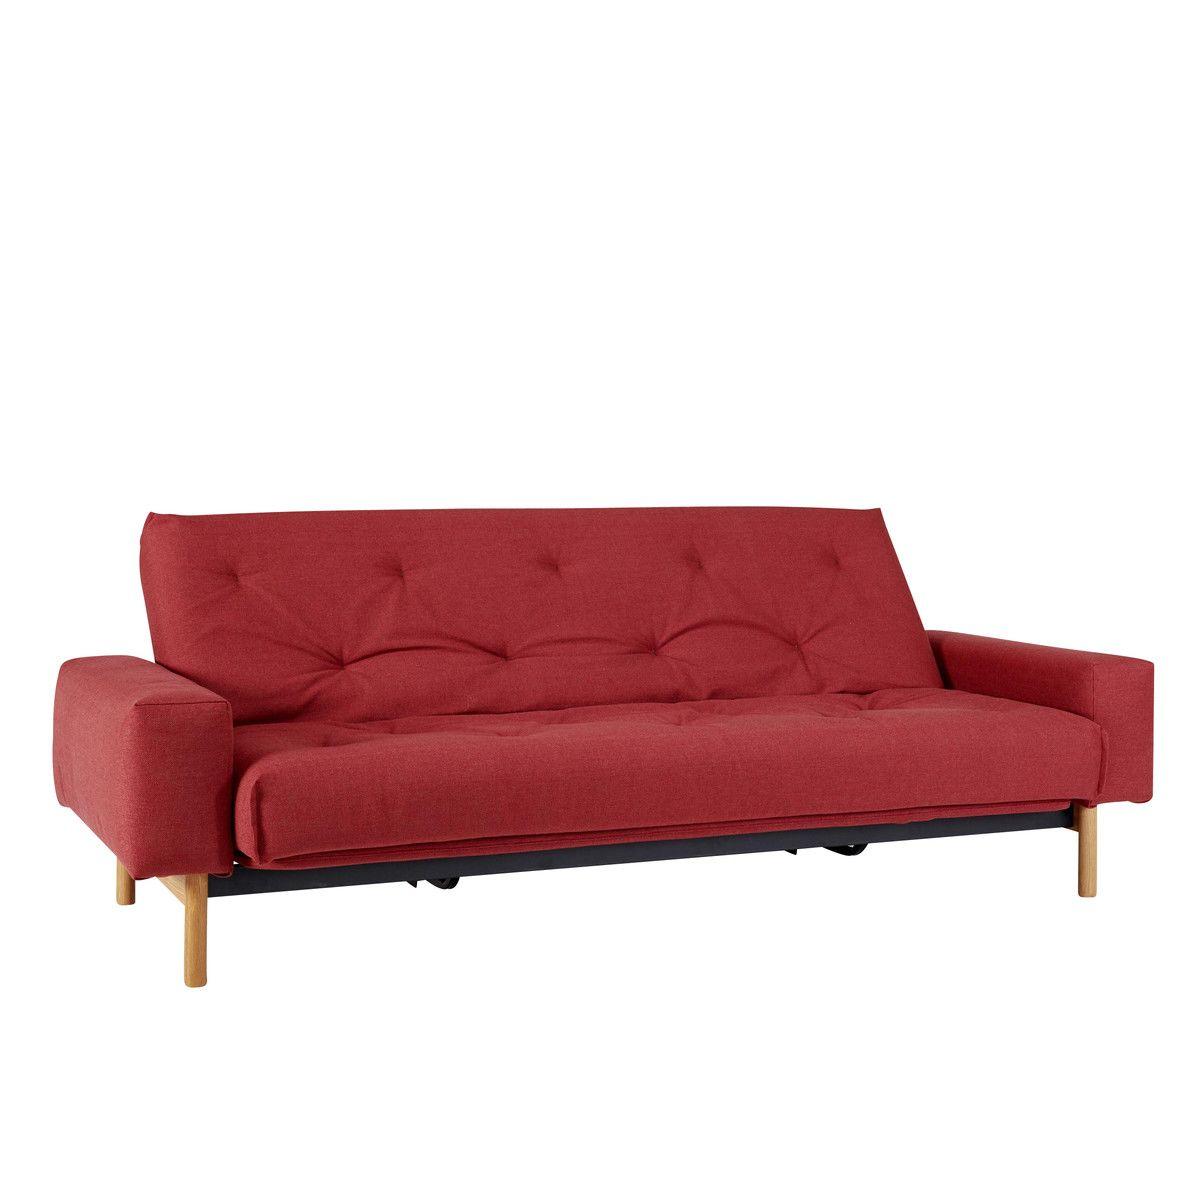 mimer canap lit innovation. Black Bedroom Furniture Sets. Home Design Ideas